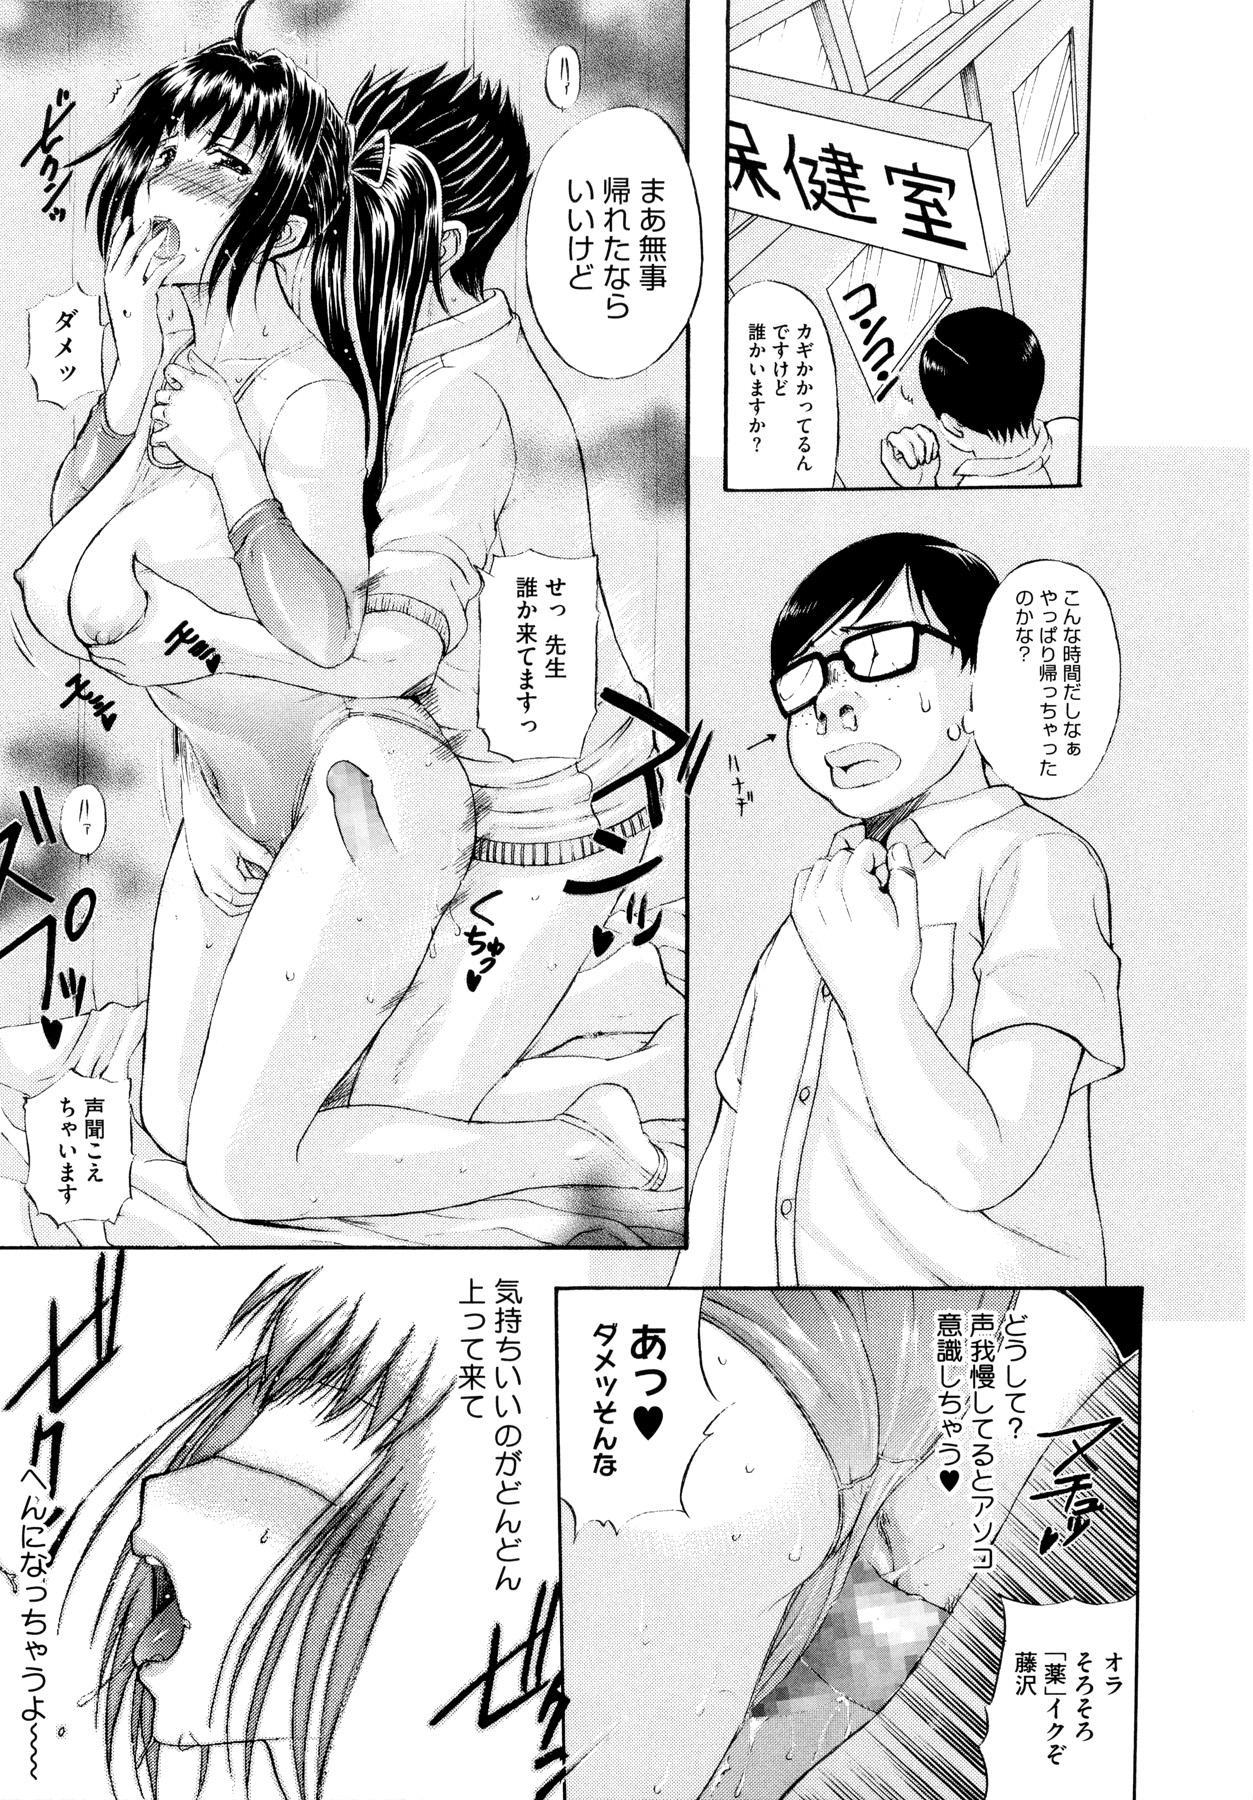 Sonotoki, Kanojo wa... 108